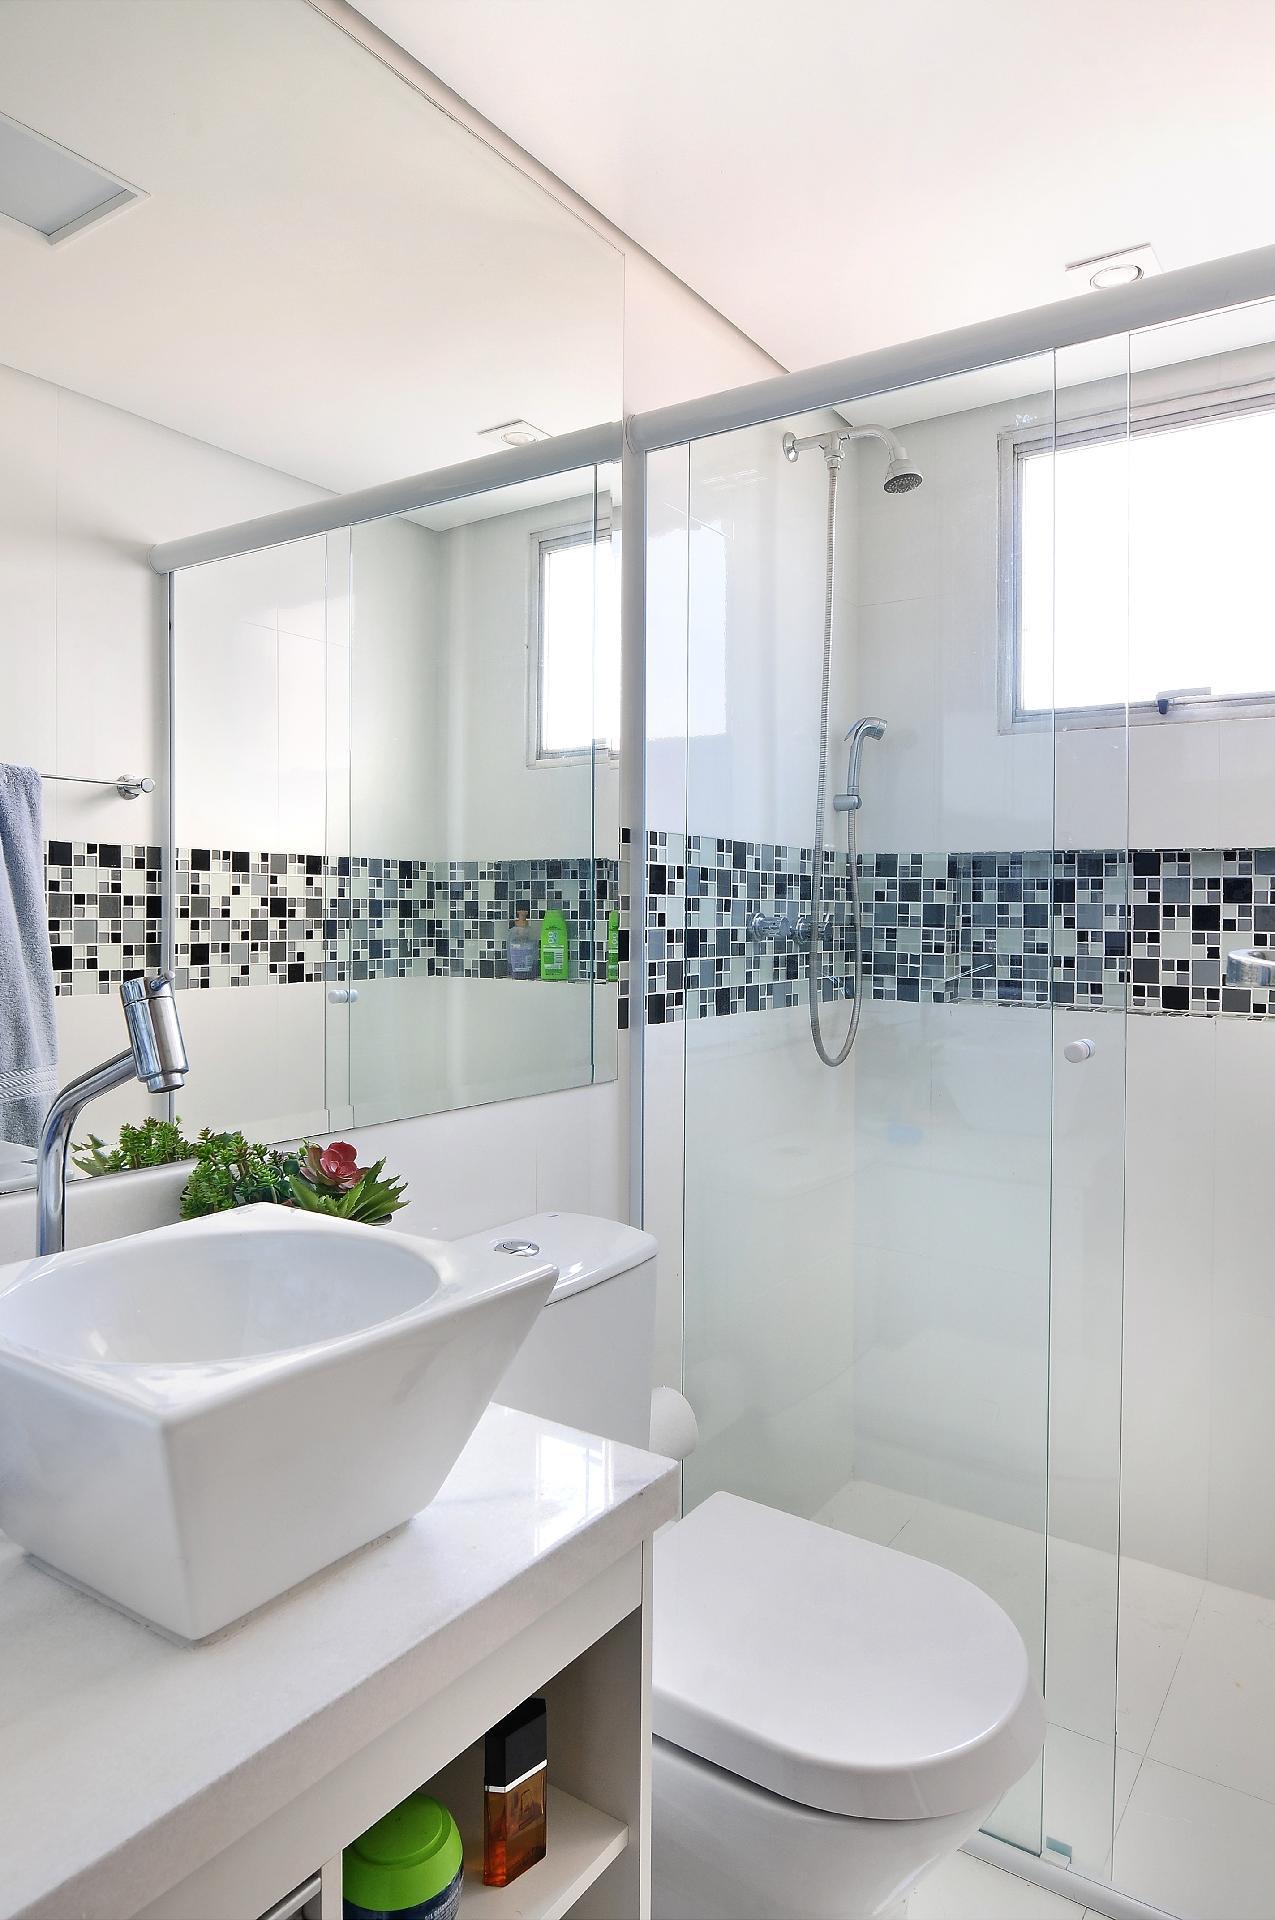 Com a reforma elaborada pelo escritório IBD Arquitetura e Interiores, o banheiro rejuvenesceu: a faixa de pastilhas de vidro disfarça o nicho do xampus e, sobre o fundo branco, torna-se o ponto de destaque do ambiente. O espelho até o teto e o revestimento de porcelanato ampliam visualmente o espaço do apartamento Patch 01, na Cantareira, em São Paulo